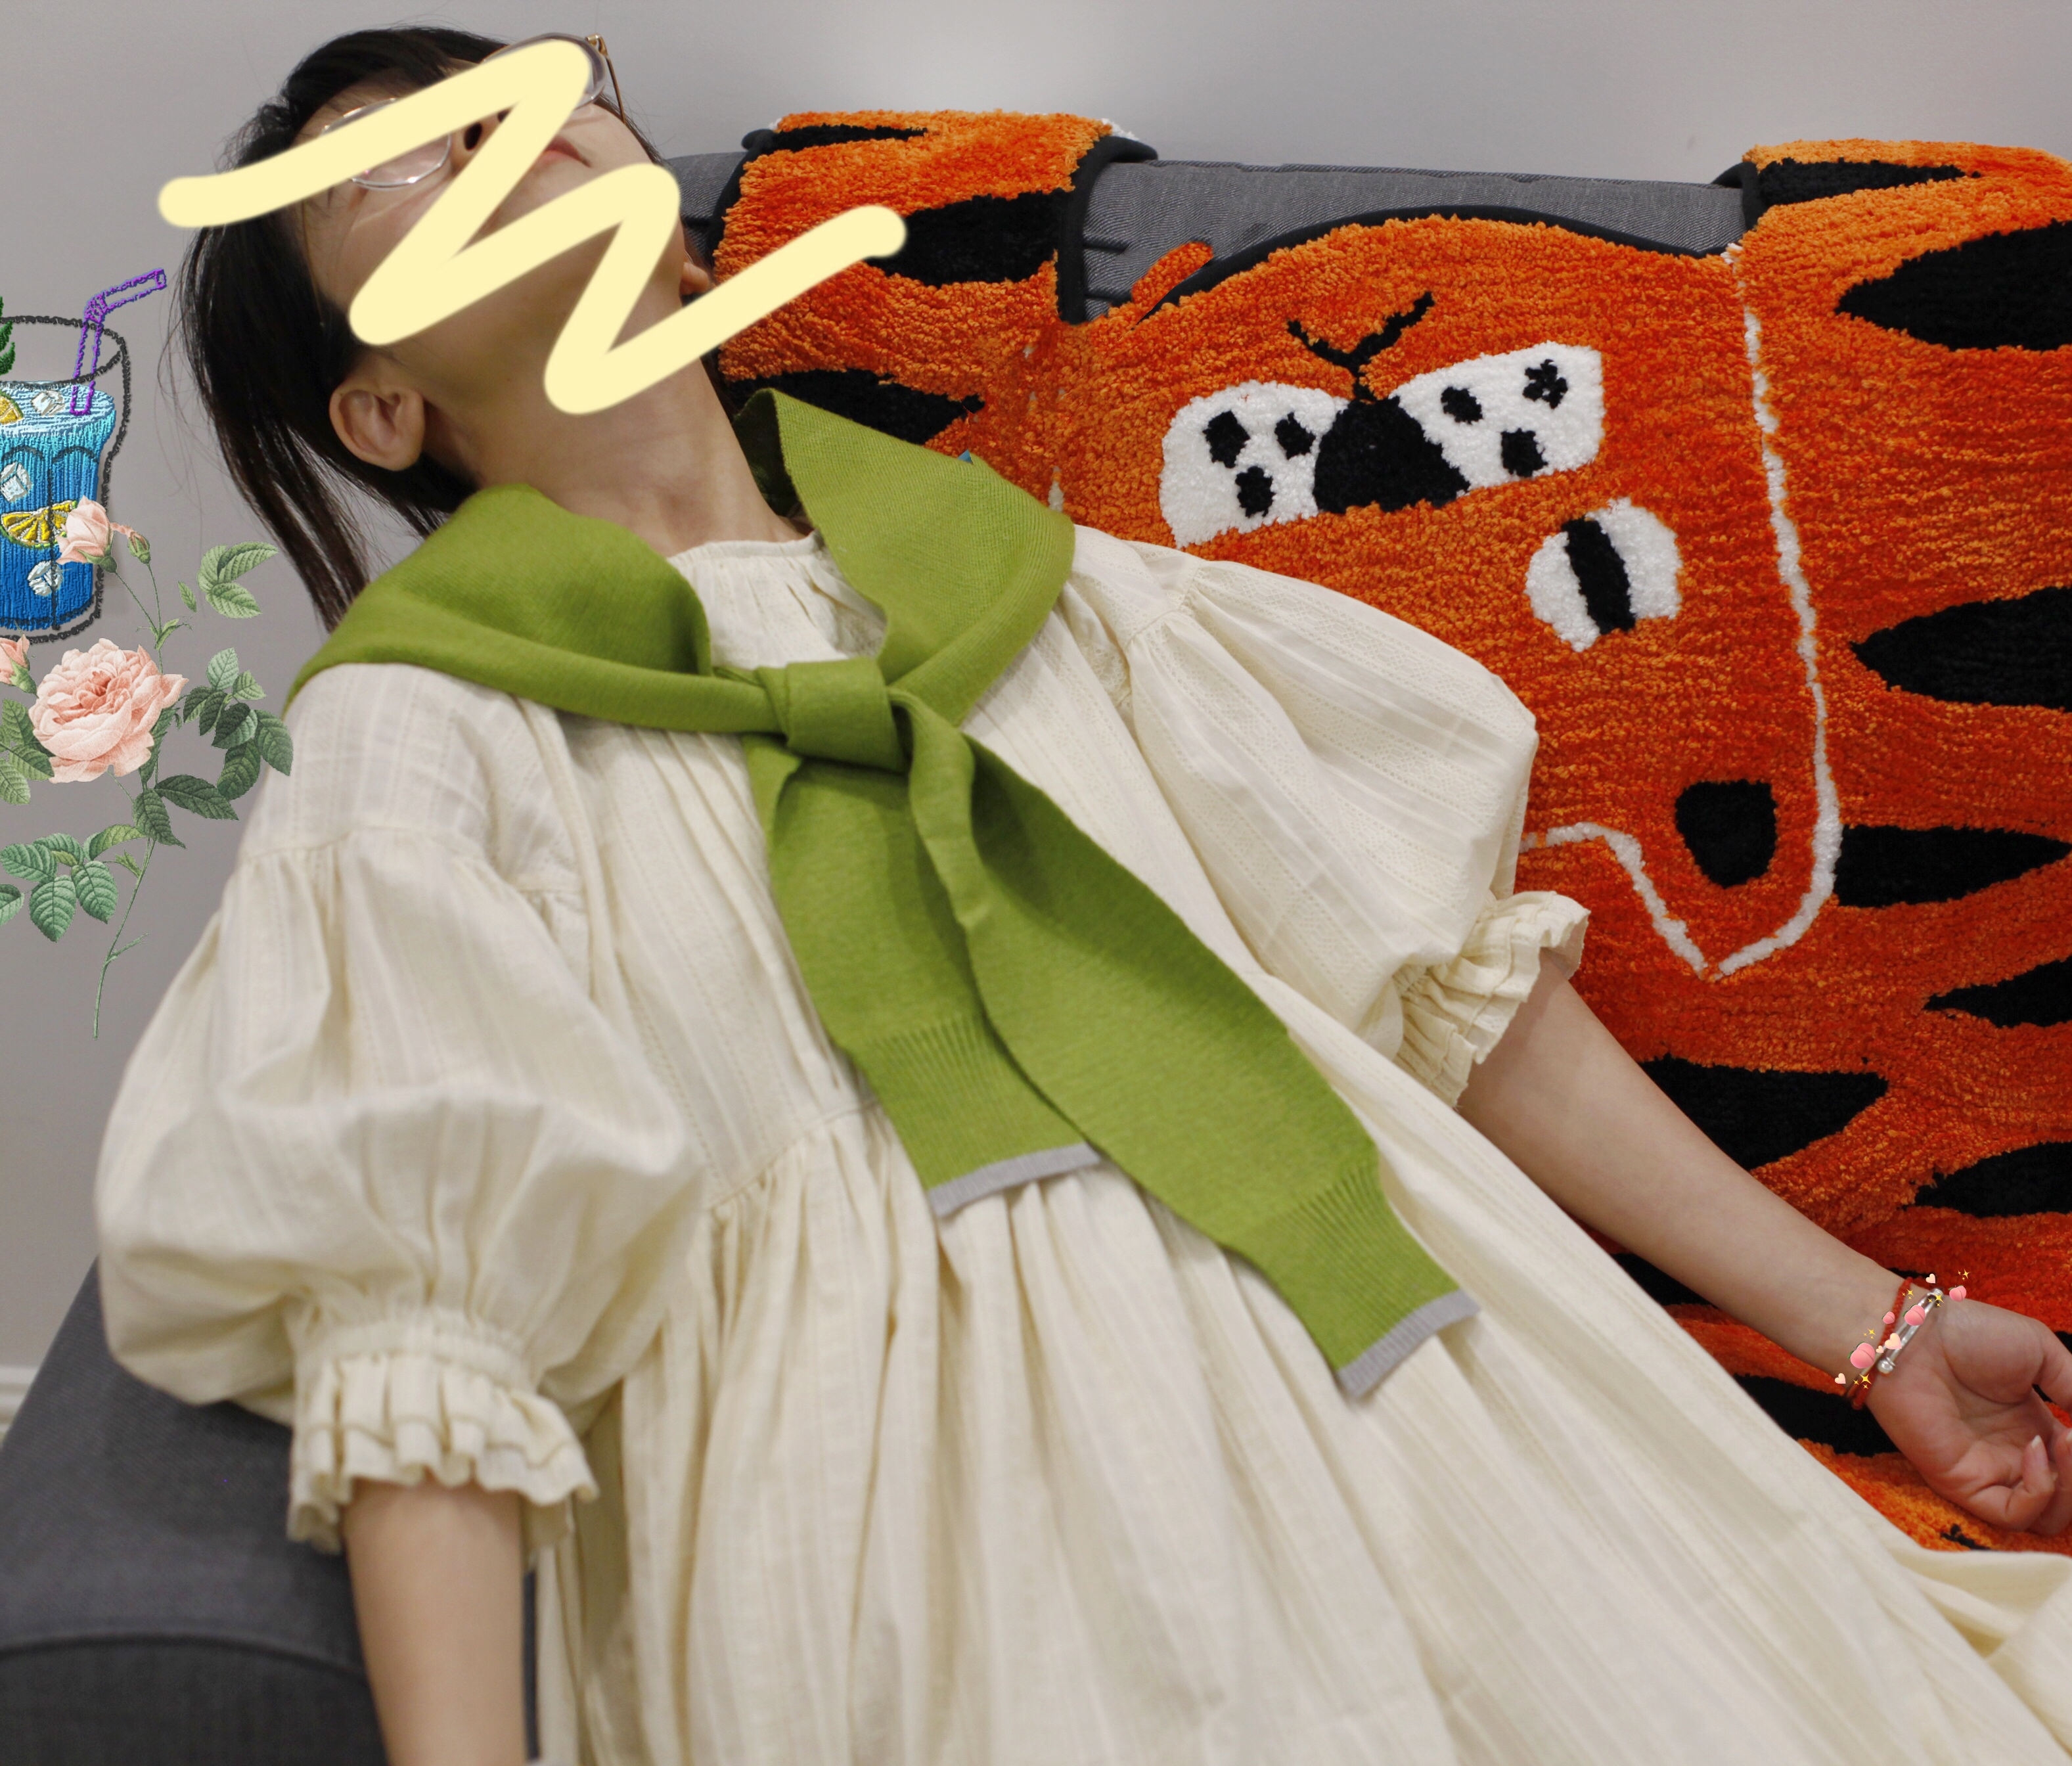 千叶鹿自制生成色荷叶边夏日晚餐泡泡袖法式娃娃loli软妹连衣裙